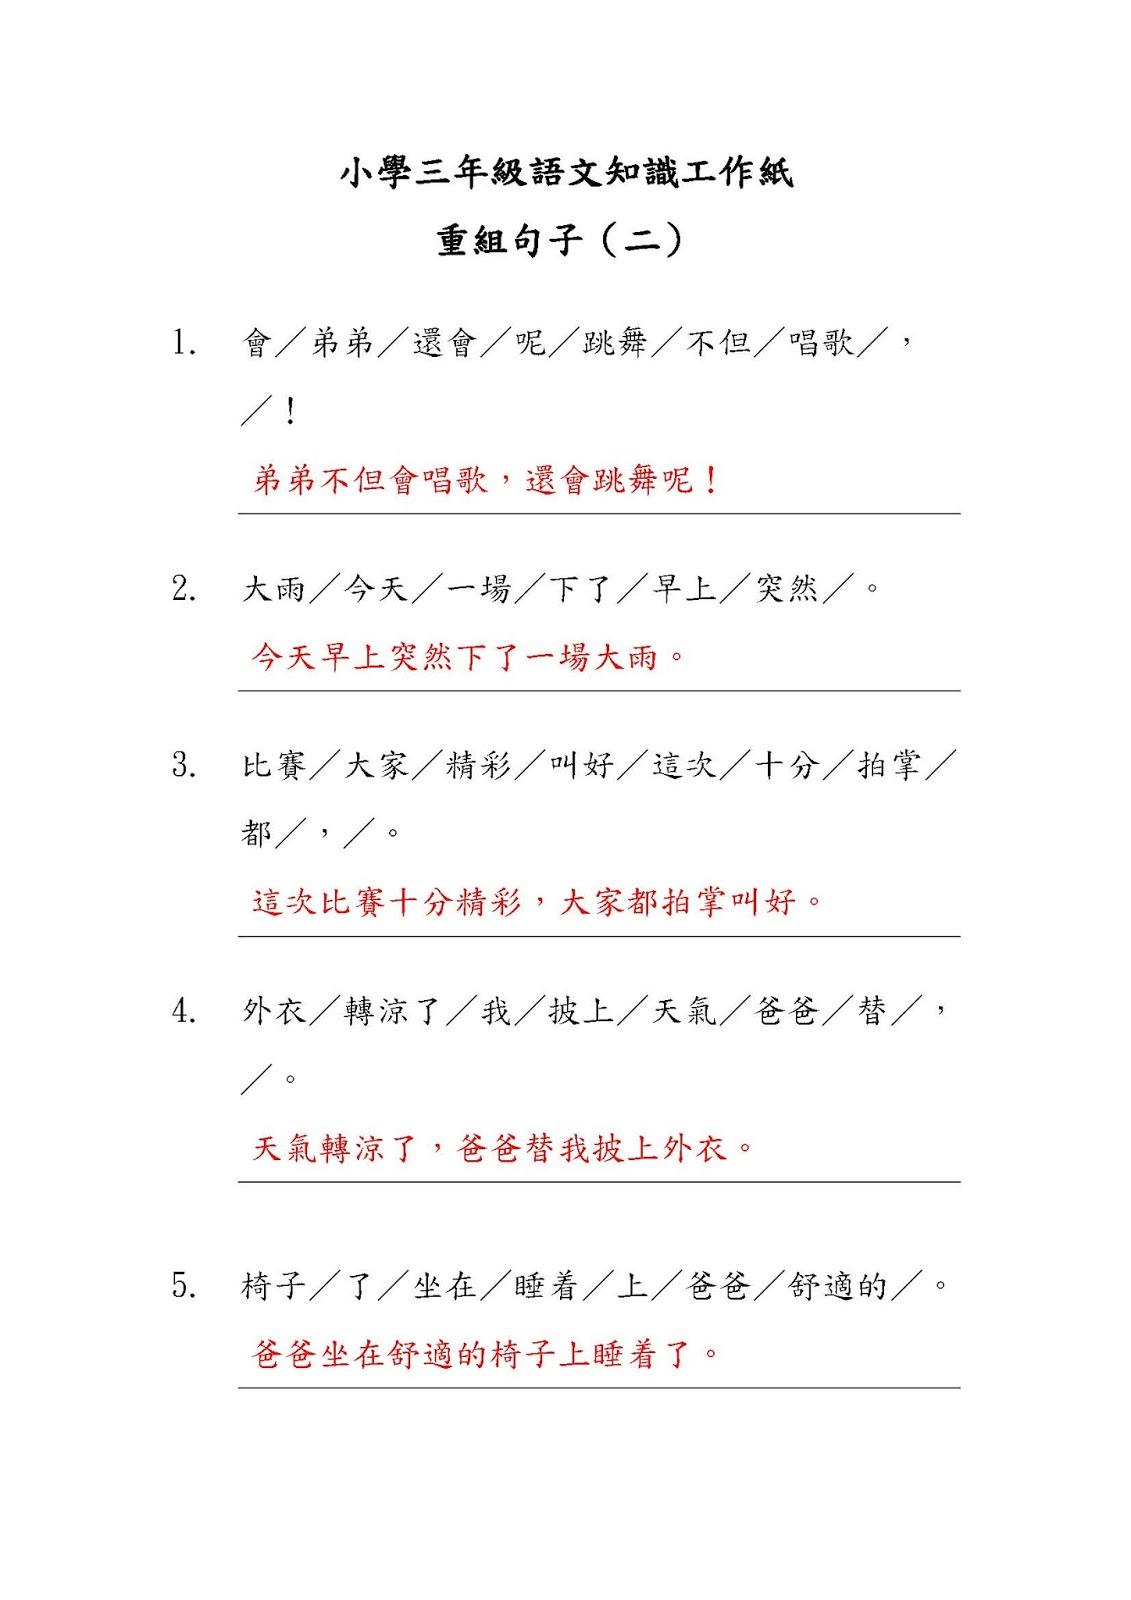 小三語文知識工作紙:重組句子(二)|中文工作紙|尤莉姐姐的反轉學堂